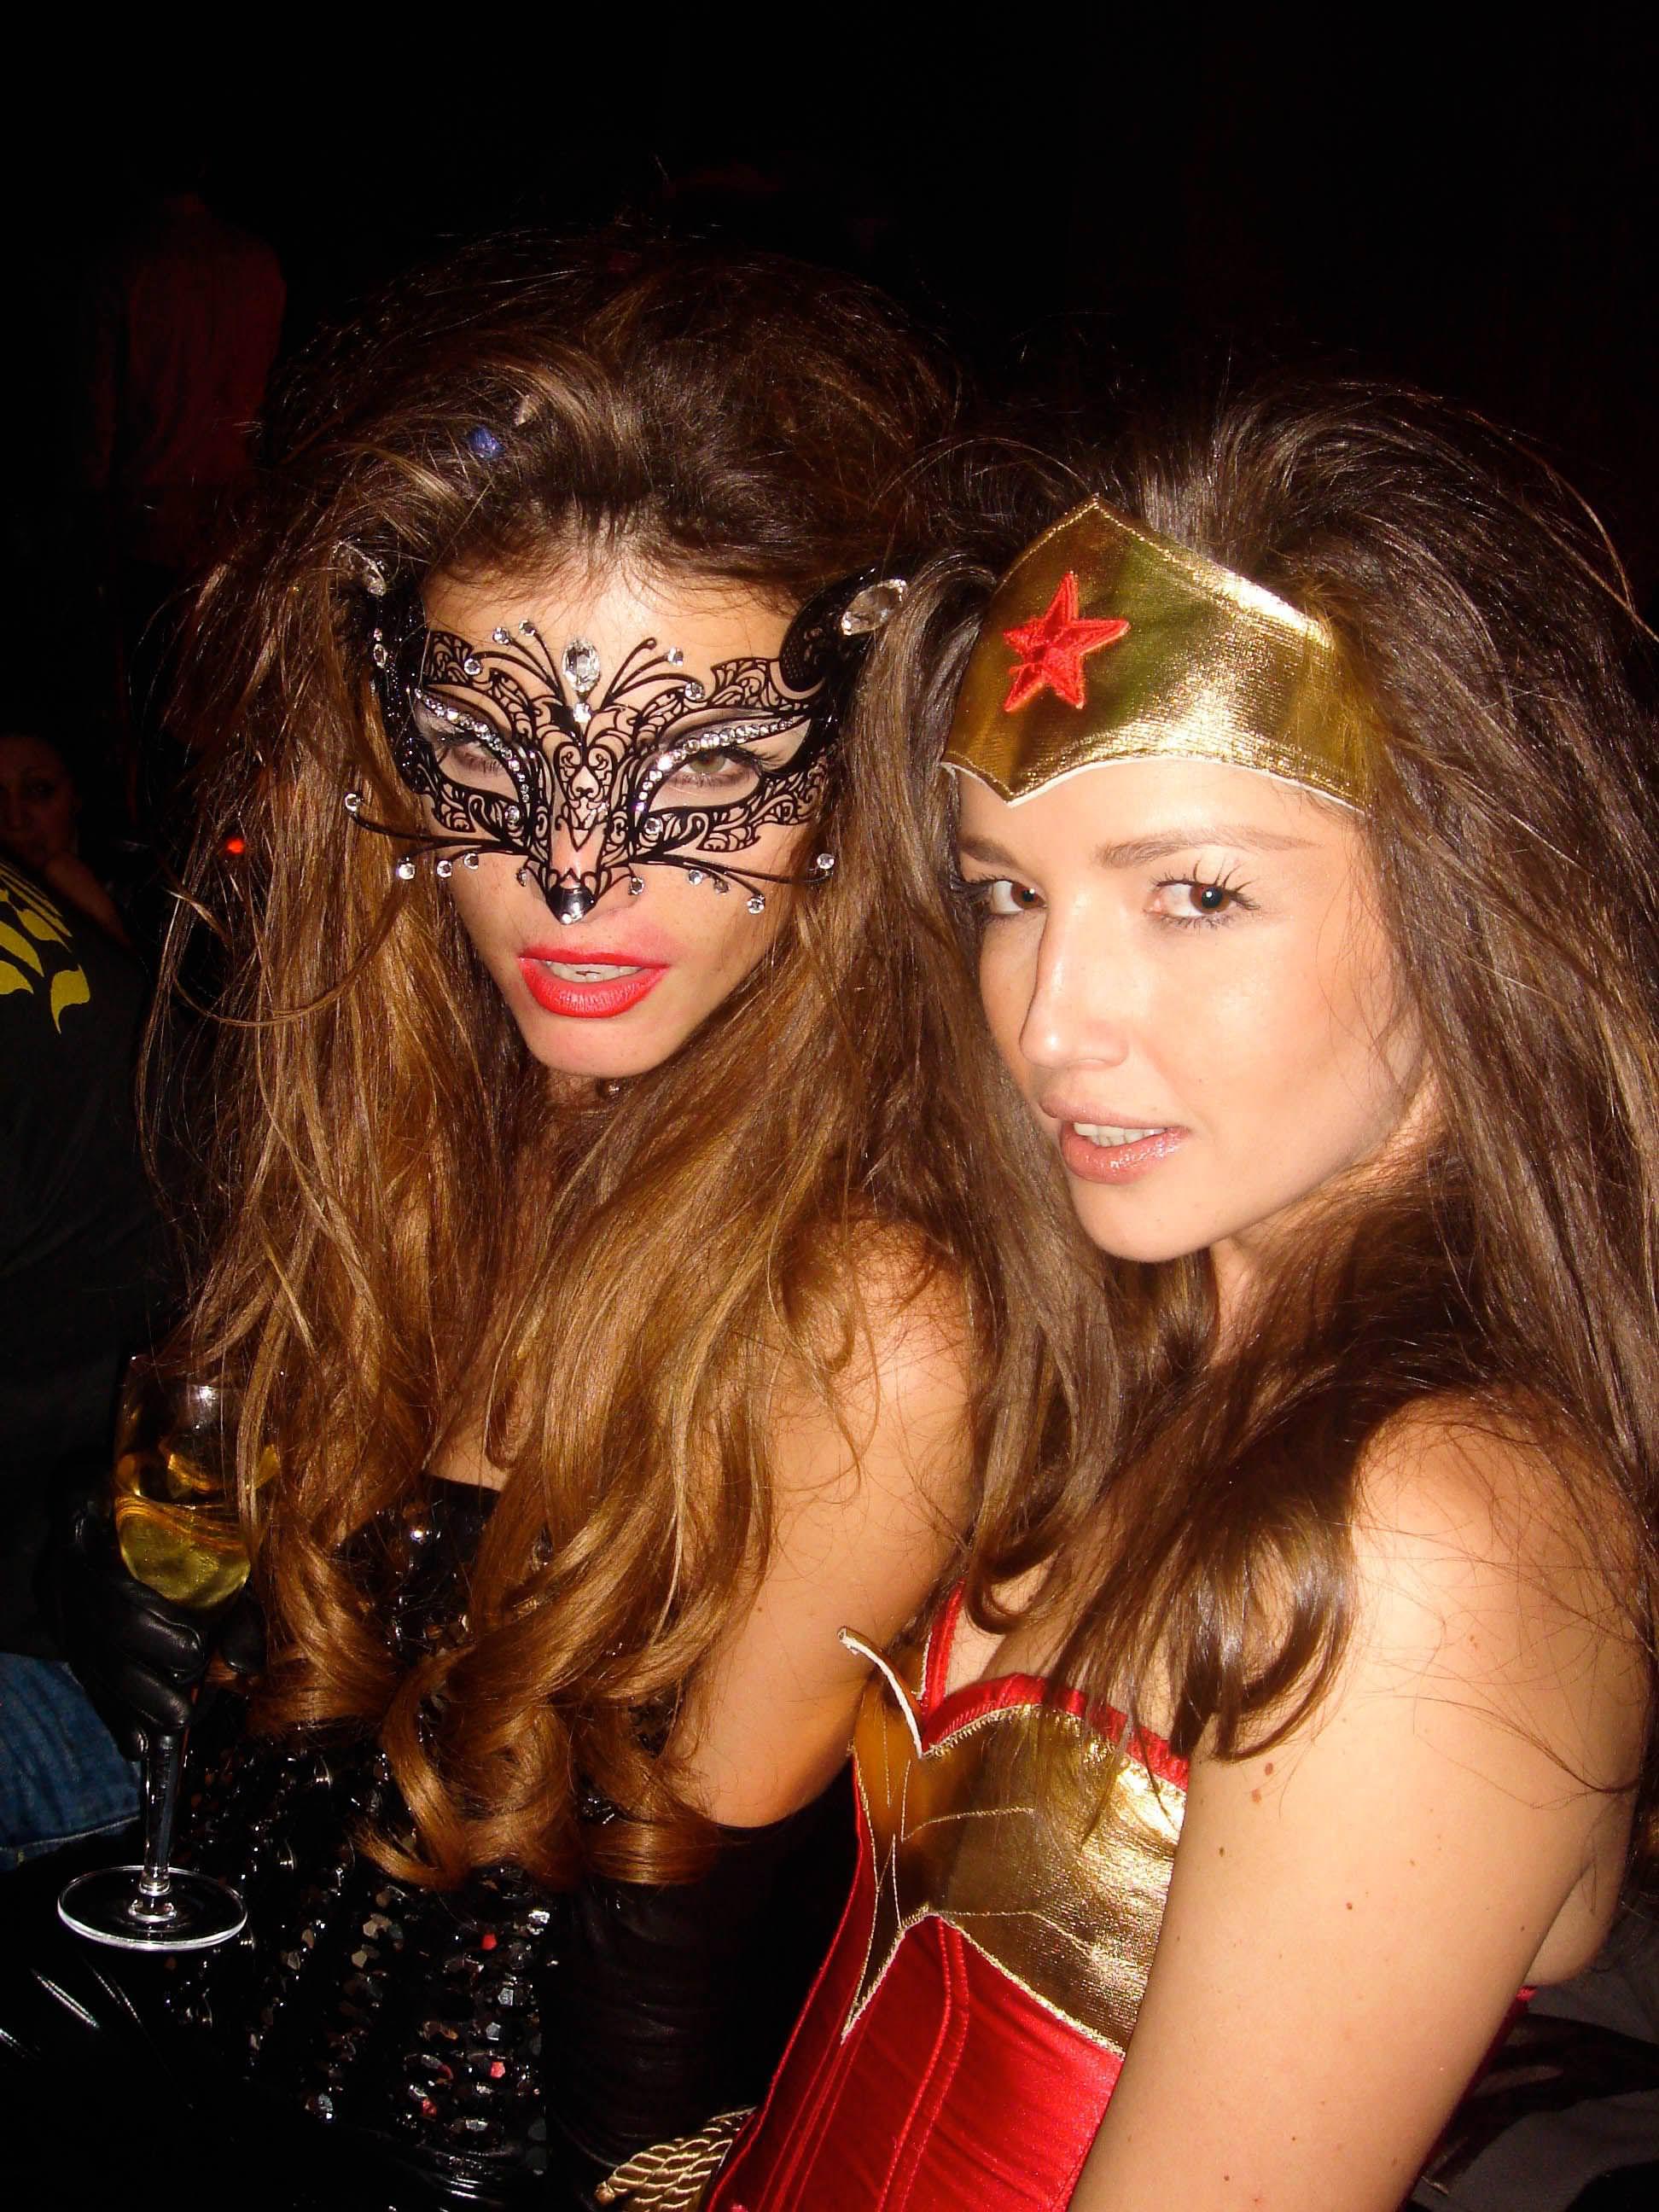 ハロウィンの衣装を身に纏いコスプレするスーパーモデルが美人すぎるwwww 0443